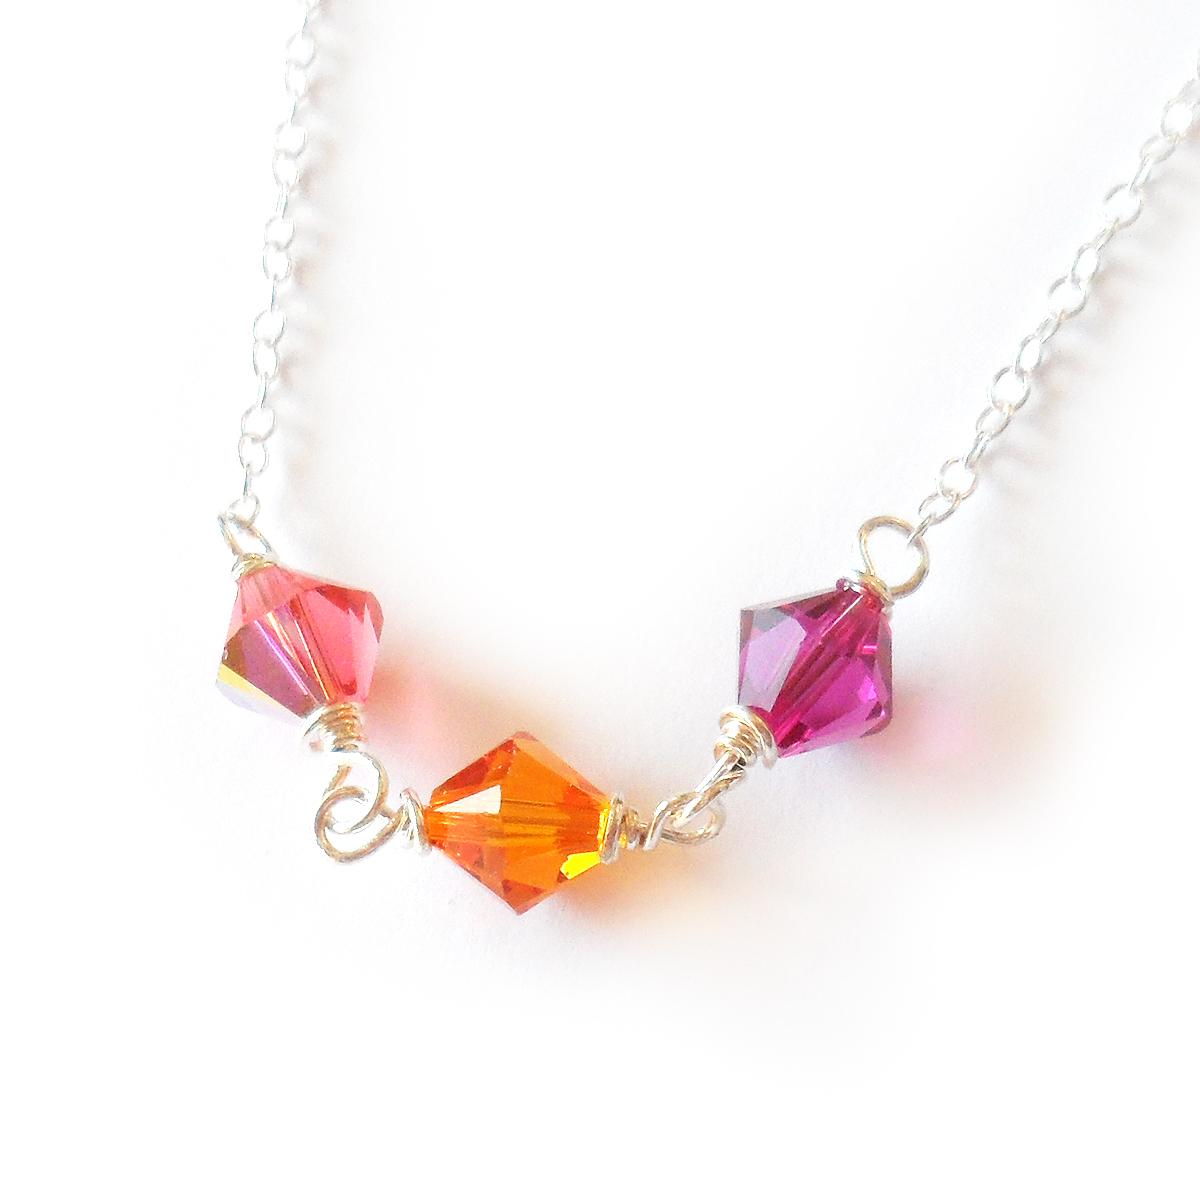 collar-briana-plata-de-ley-y-cristales-de-swarovski-naranja-y-rosa-3